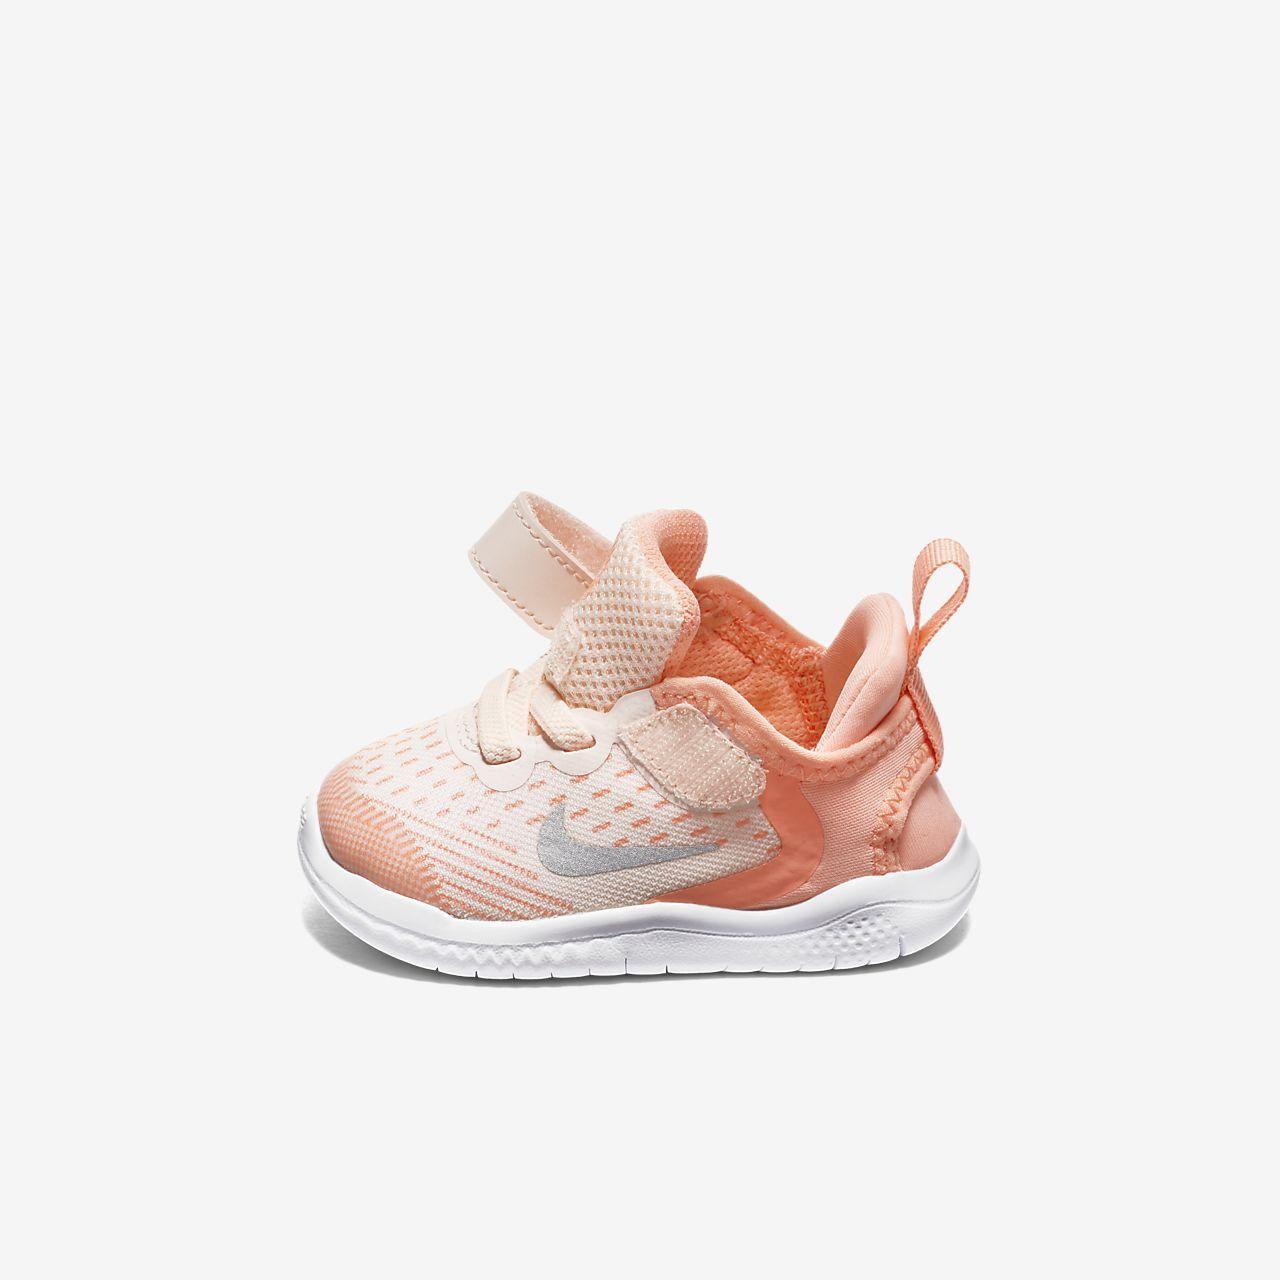 b9418c1df25 Nike Free RN 2018 Baby  amp  Toddler Shoe. Nike.com GB